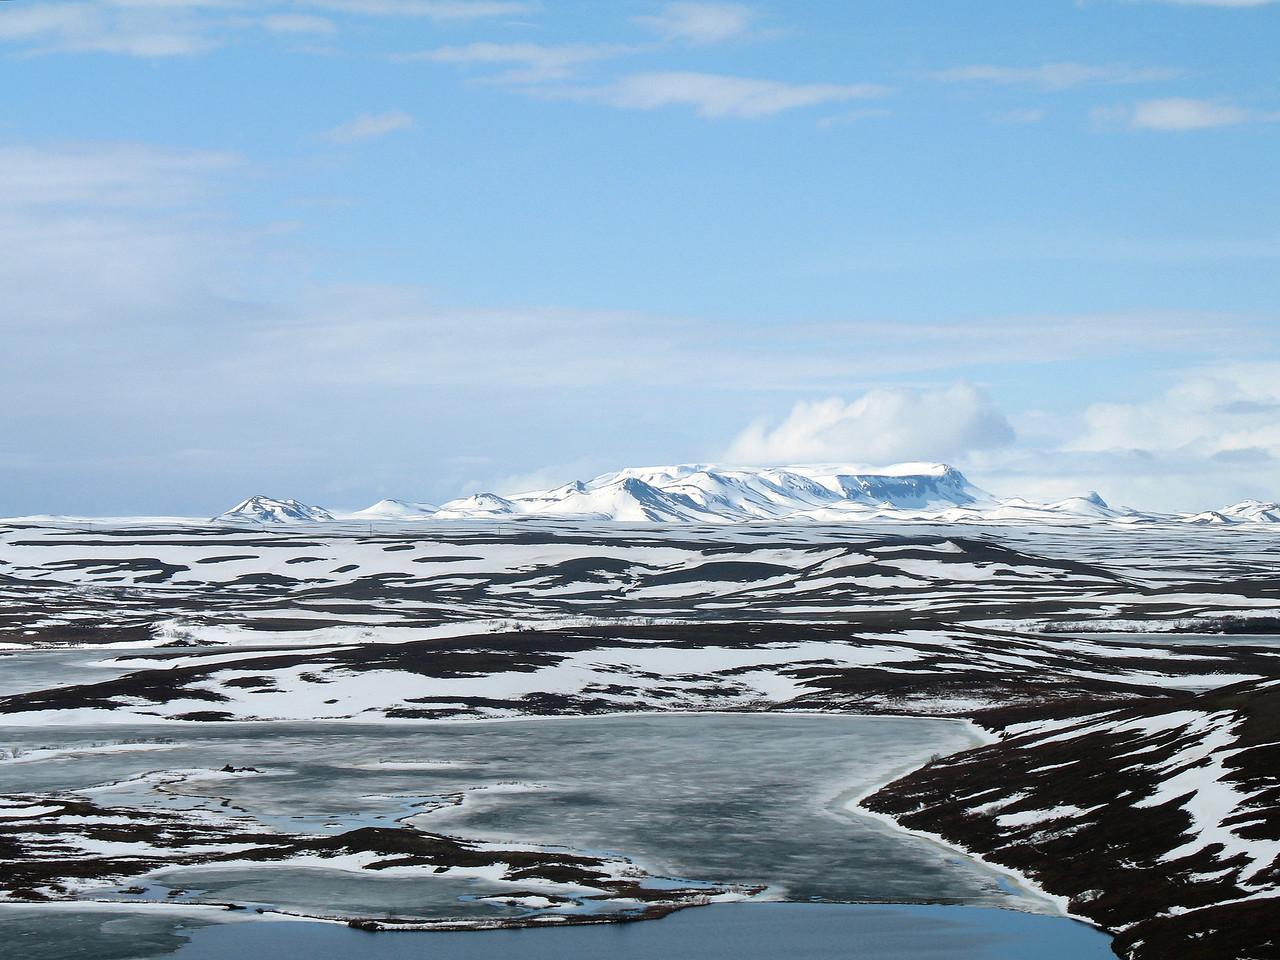 Horft til norðurs úr hlíðum Vindbelgjarfjalls, ég held að þarna sé Þverárhorn lengst til vinstri, þá Gustahnjúkur, Lambafjöll í baksýn.